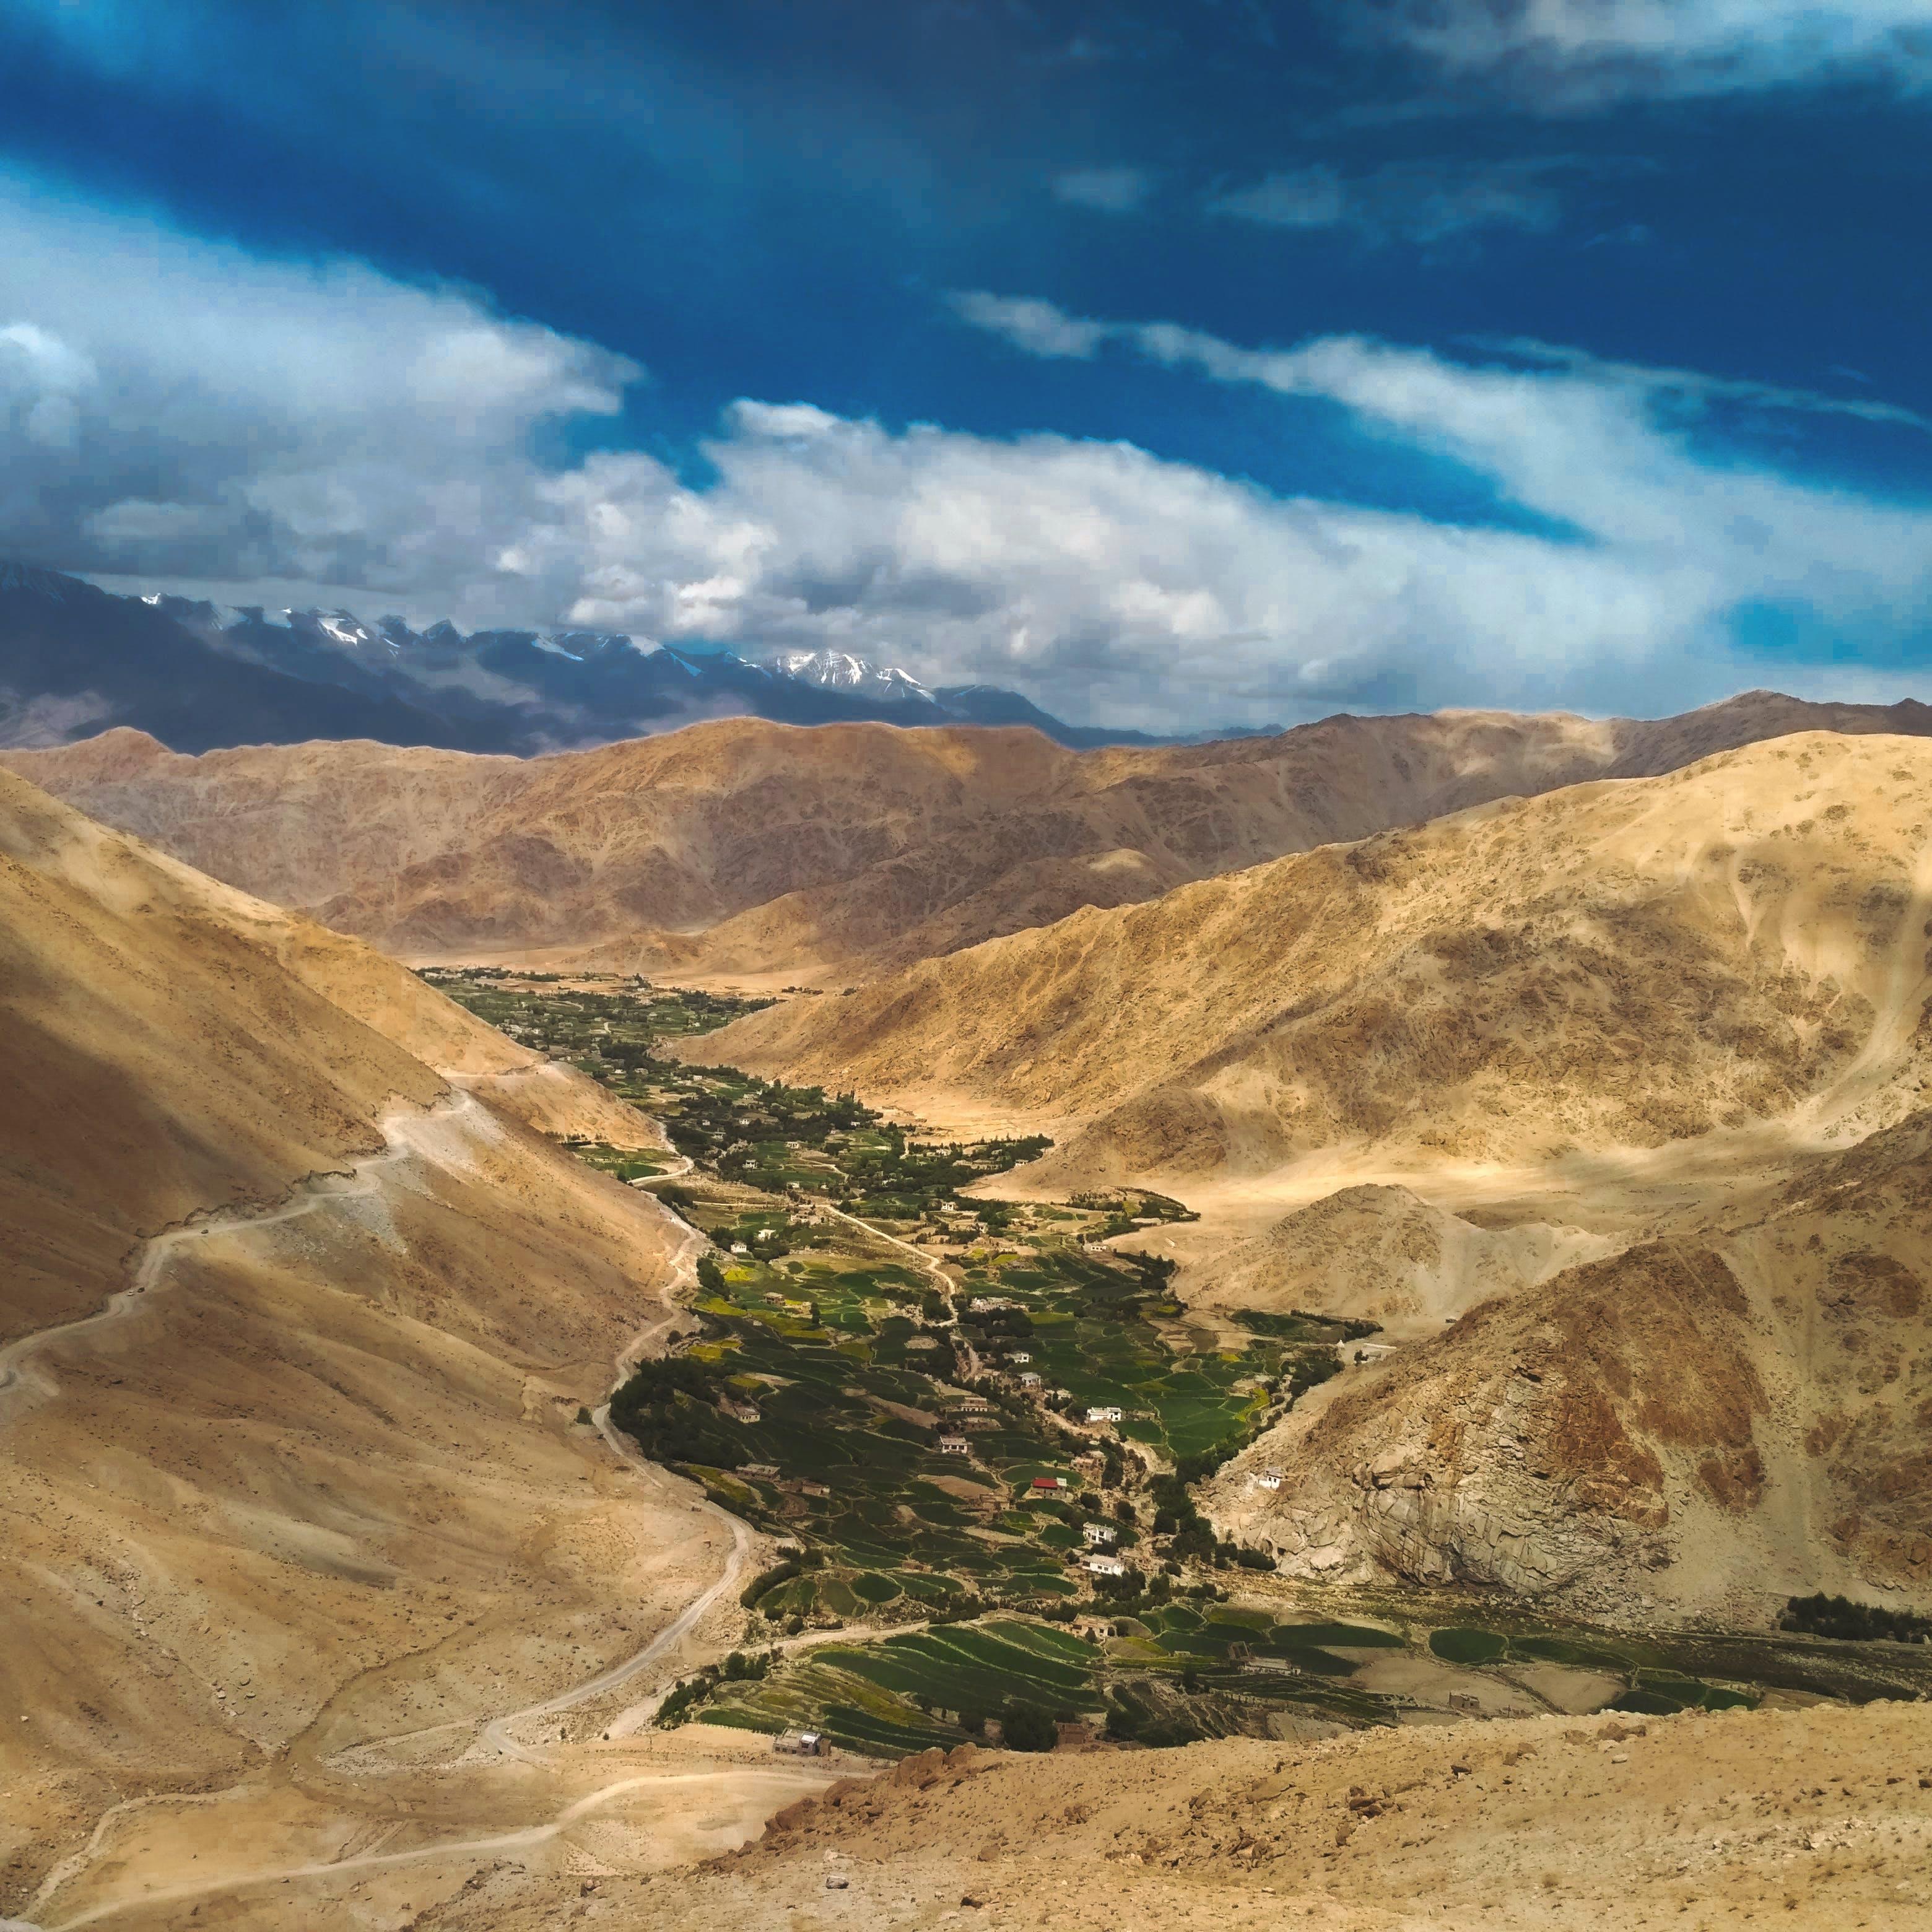 Kostenloses Stock Foto zu berge, dürr, gebirge, landschaft